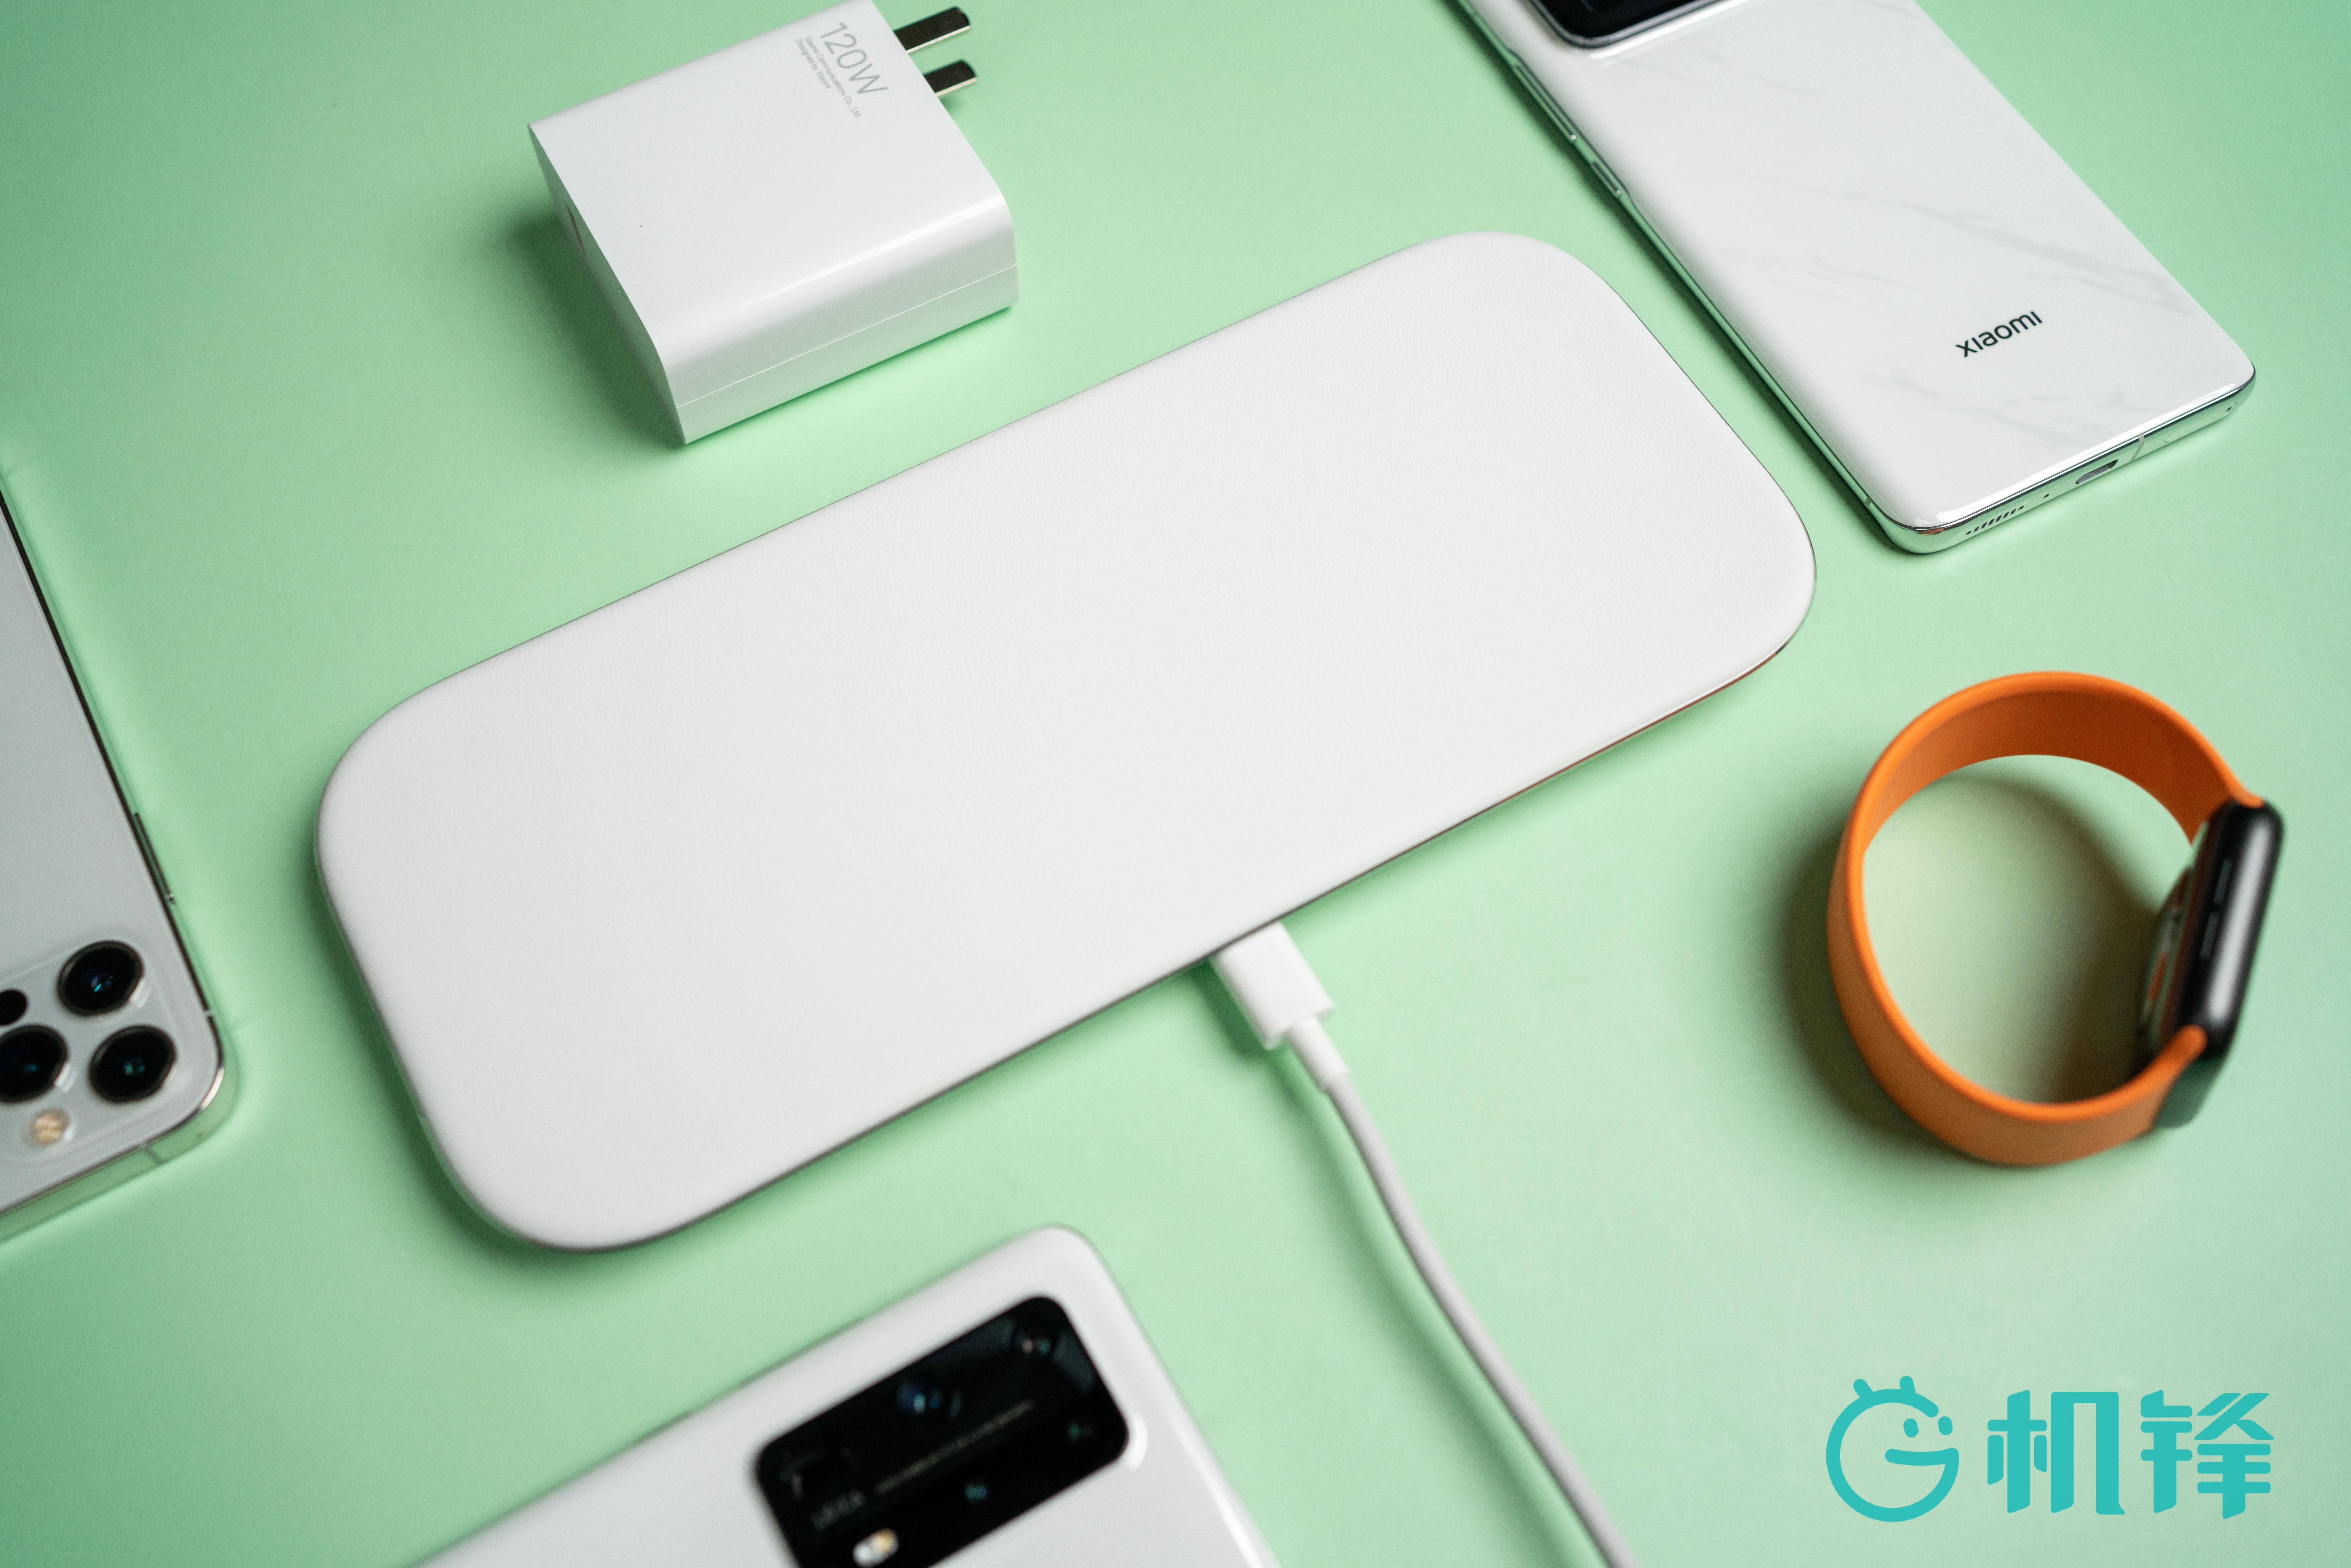 小米多线圈无线快充板,今日开售,定价为599元,其内部设计了19个充电线圈,能够完整的覆盖整个充电板,不管放在任何位置都能实现无线充电。最高支持三台设备同时充电, 单个设备的最高充电功率为20W。